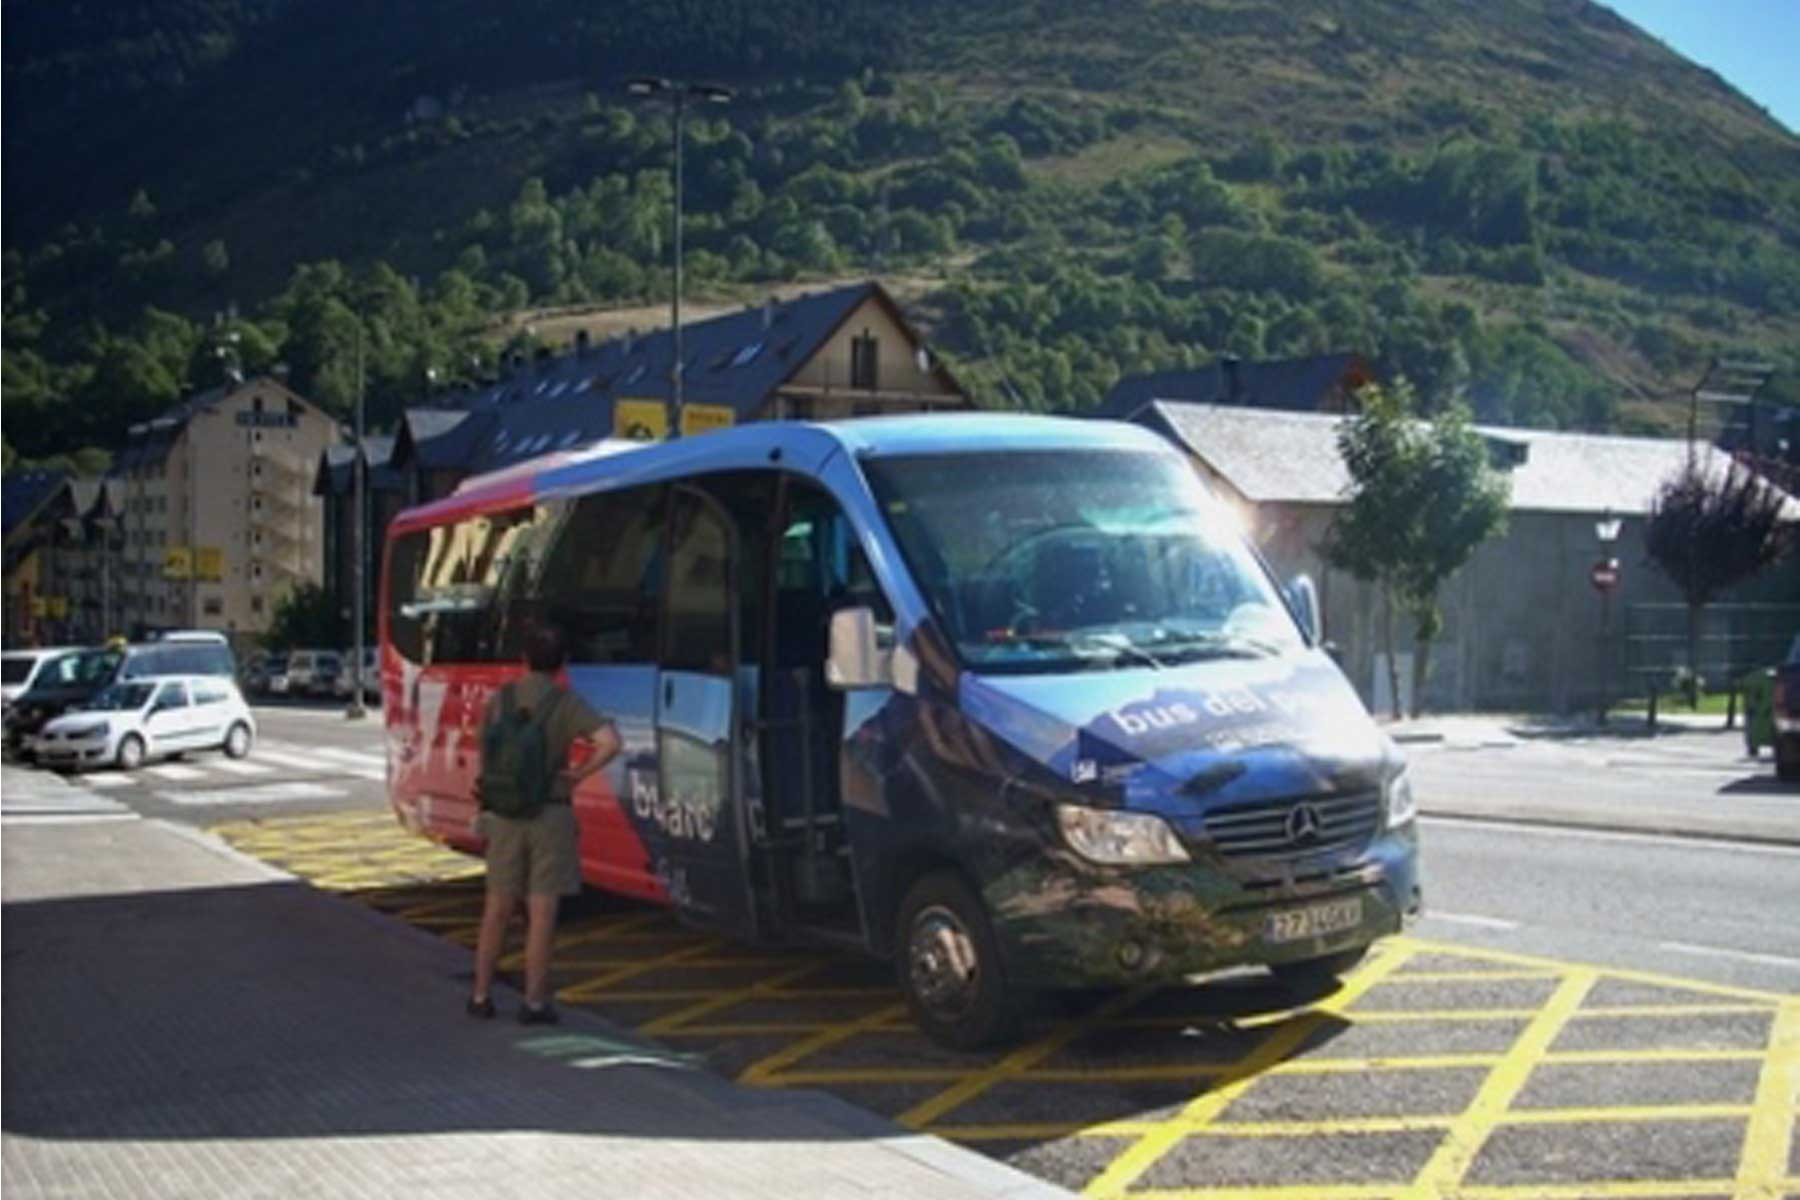 Mobilitat turística